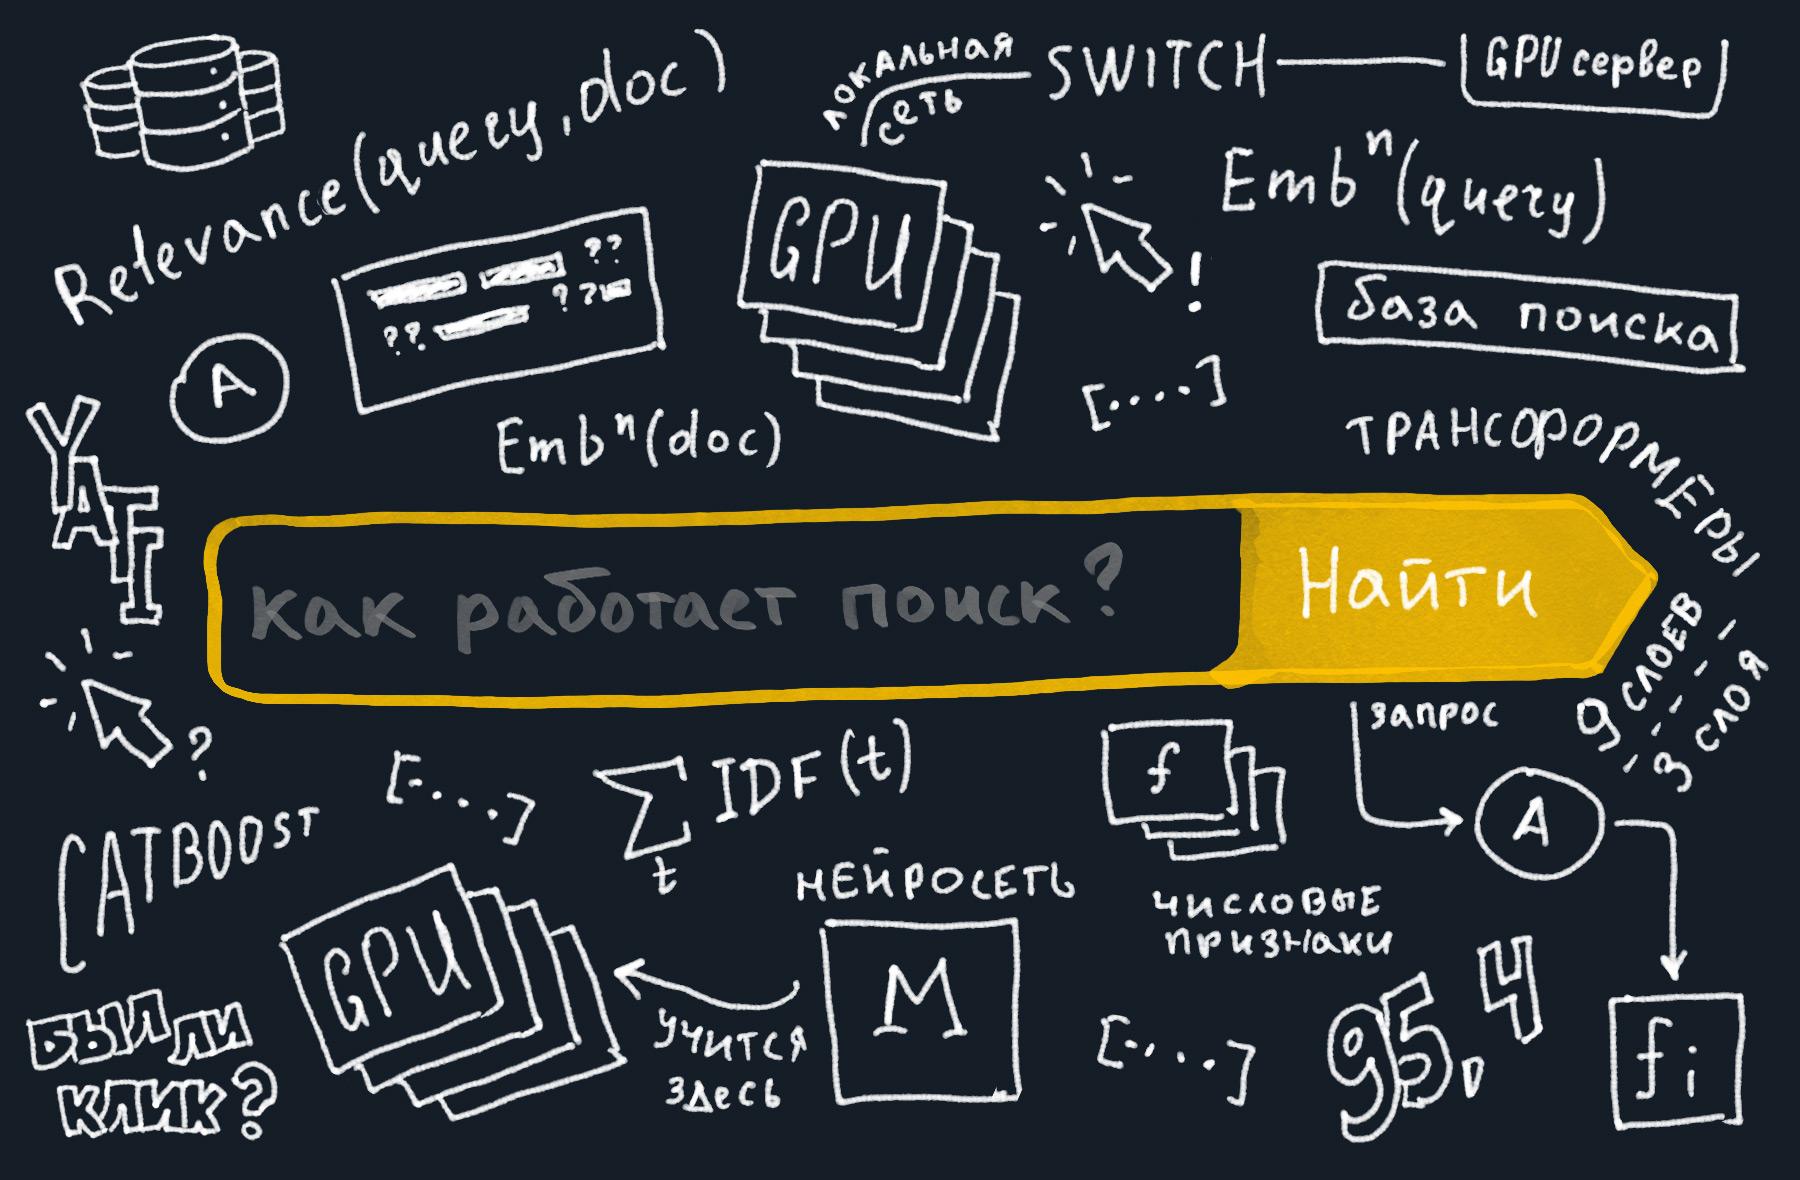 Трансформеры в Поиске как Яндекс применил тяжёлые нейросети для поиска по смыслу